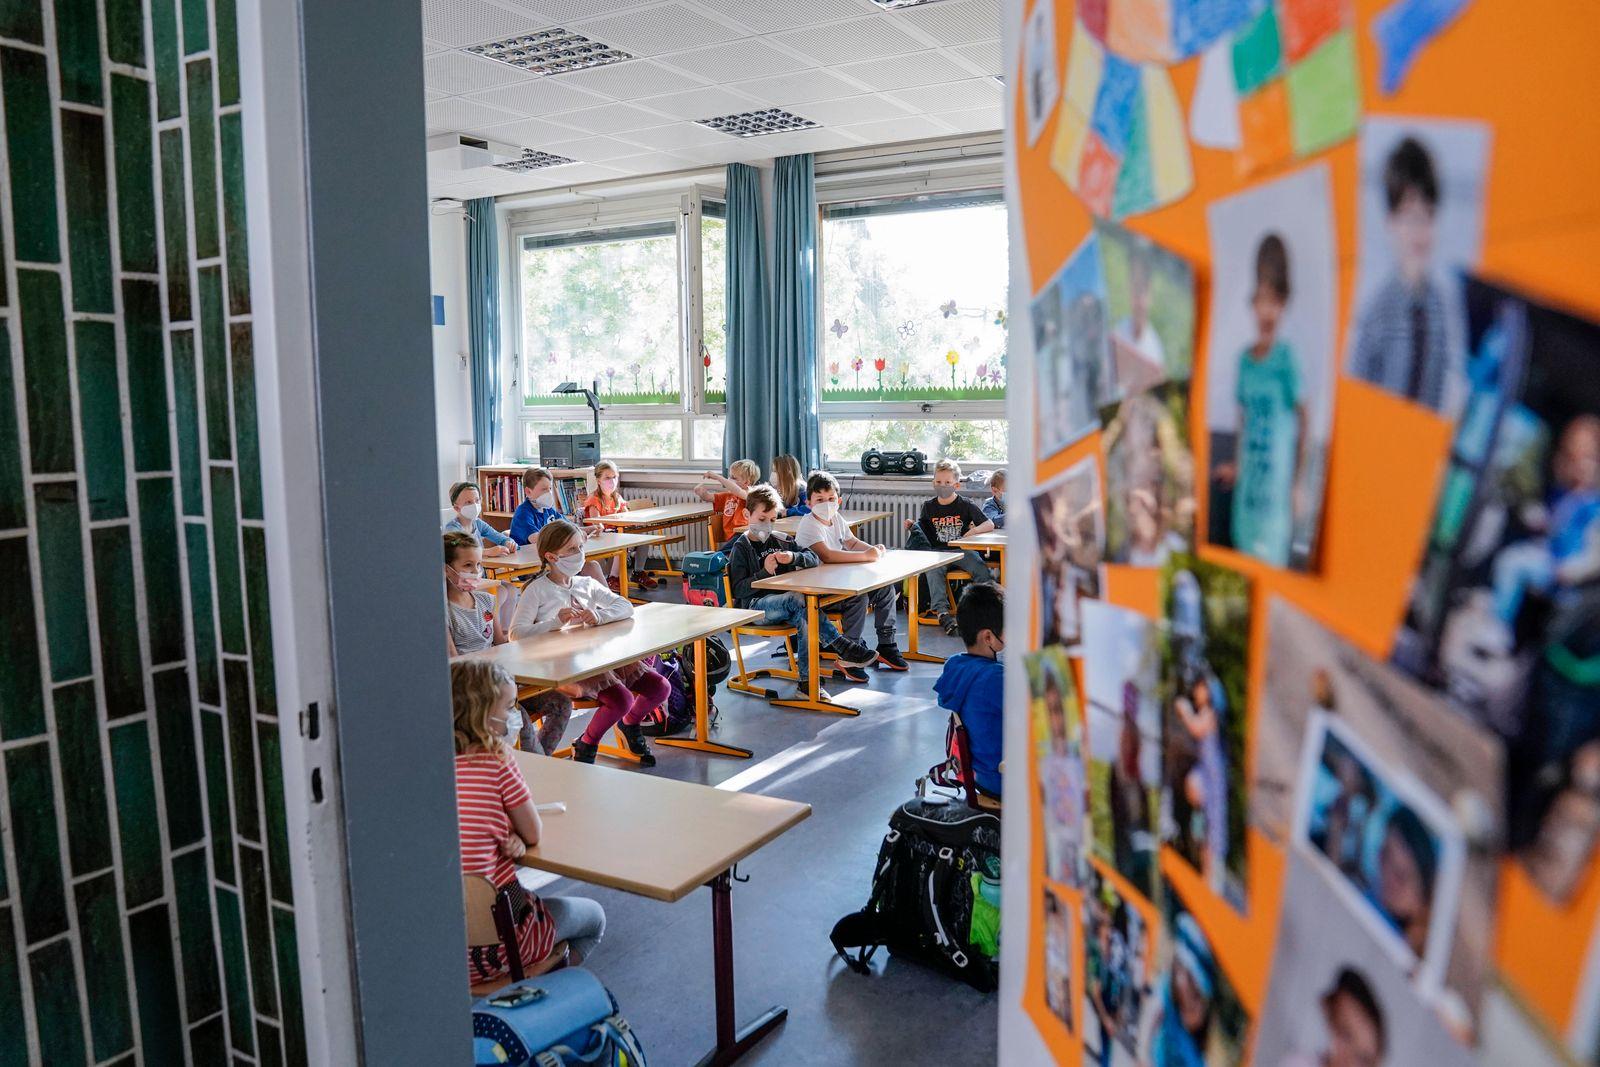 NRW Bildungsministerin besucht zum Start des angepassten Praesentzunterricht die Grundschule Bonifatiusschule in Duessel